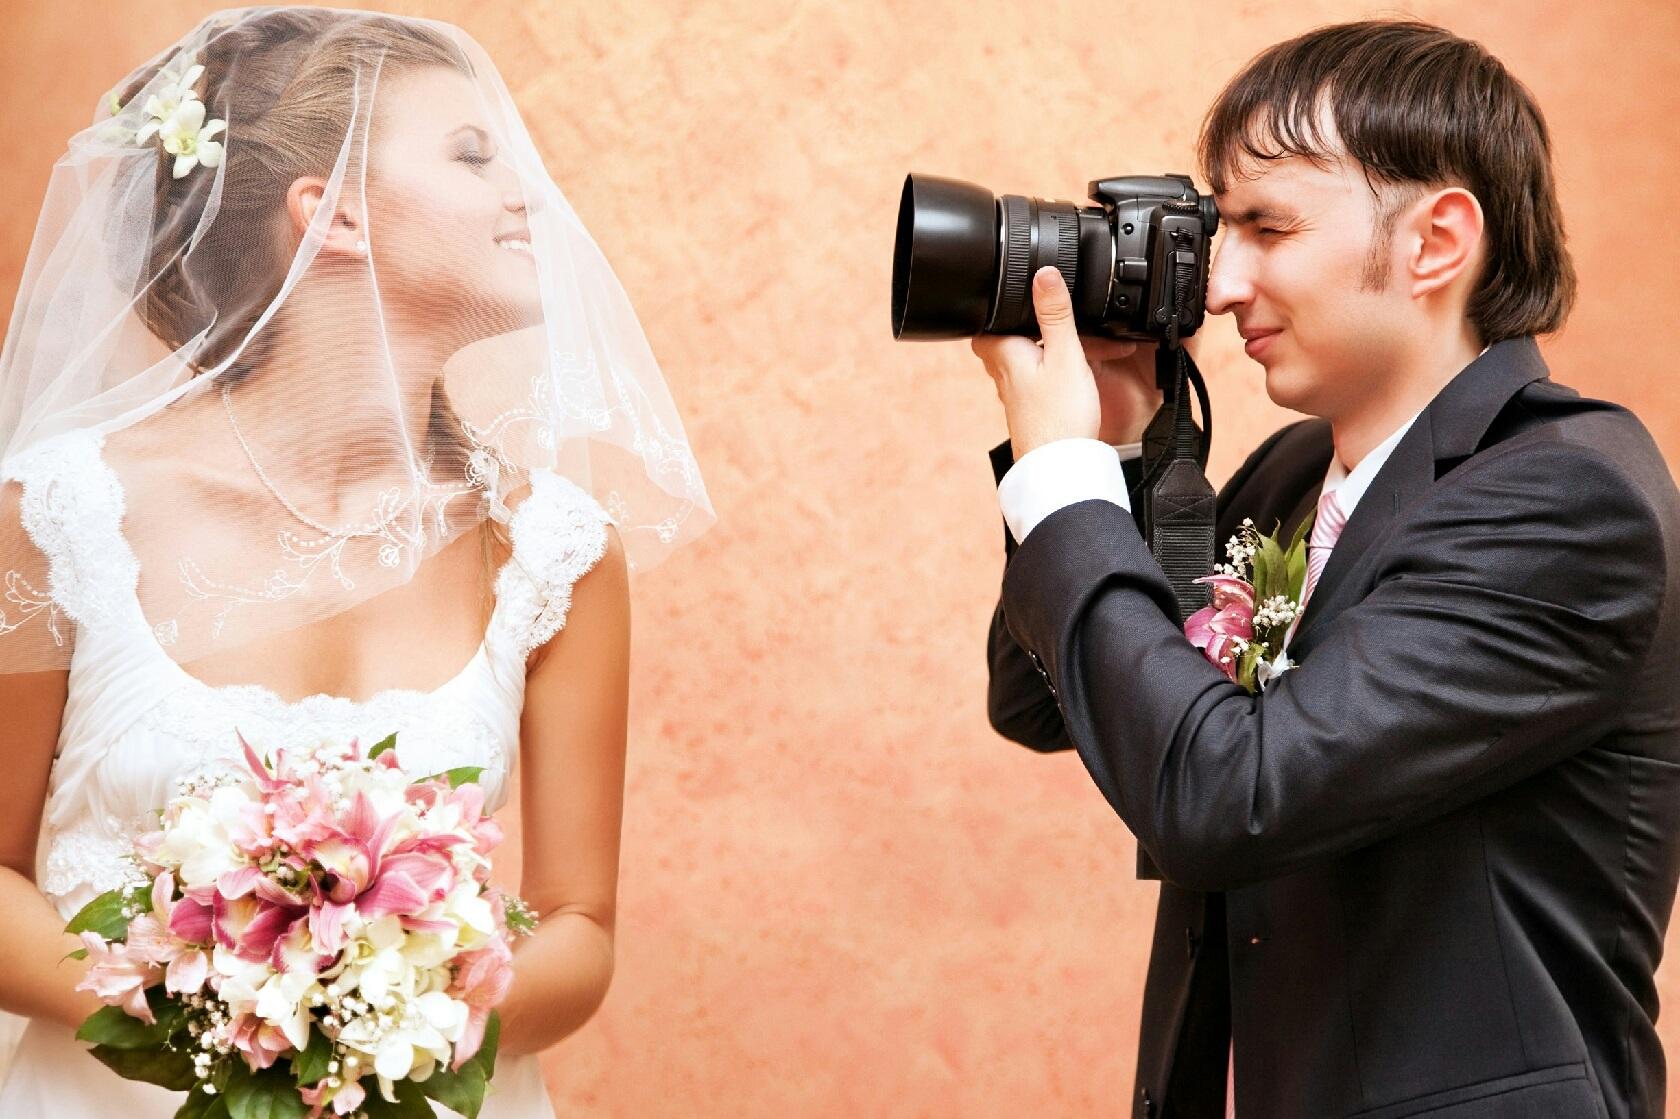 как найти своему мужу невесту чтобы никто